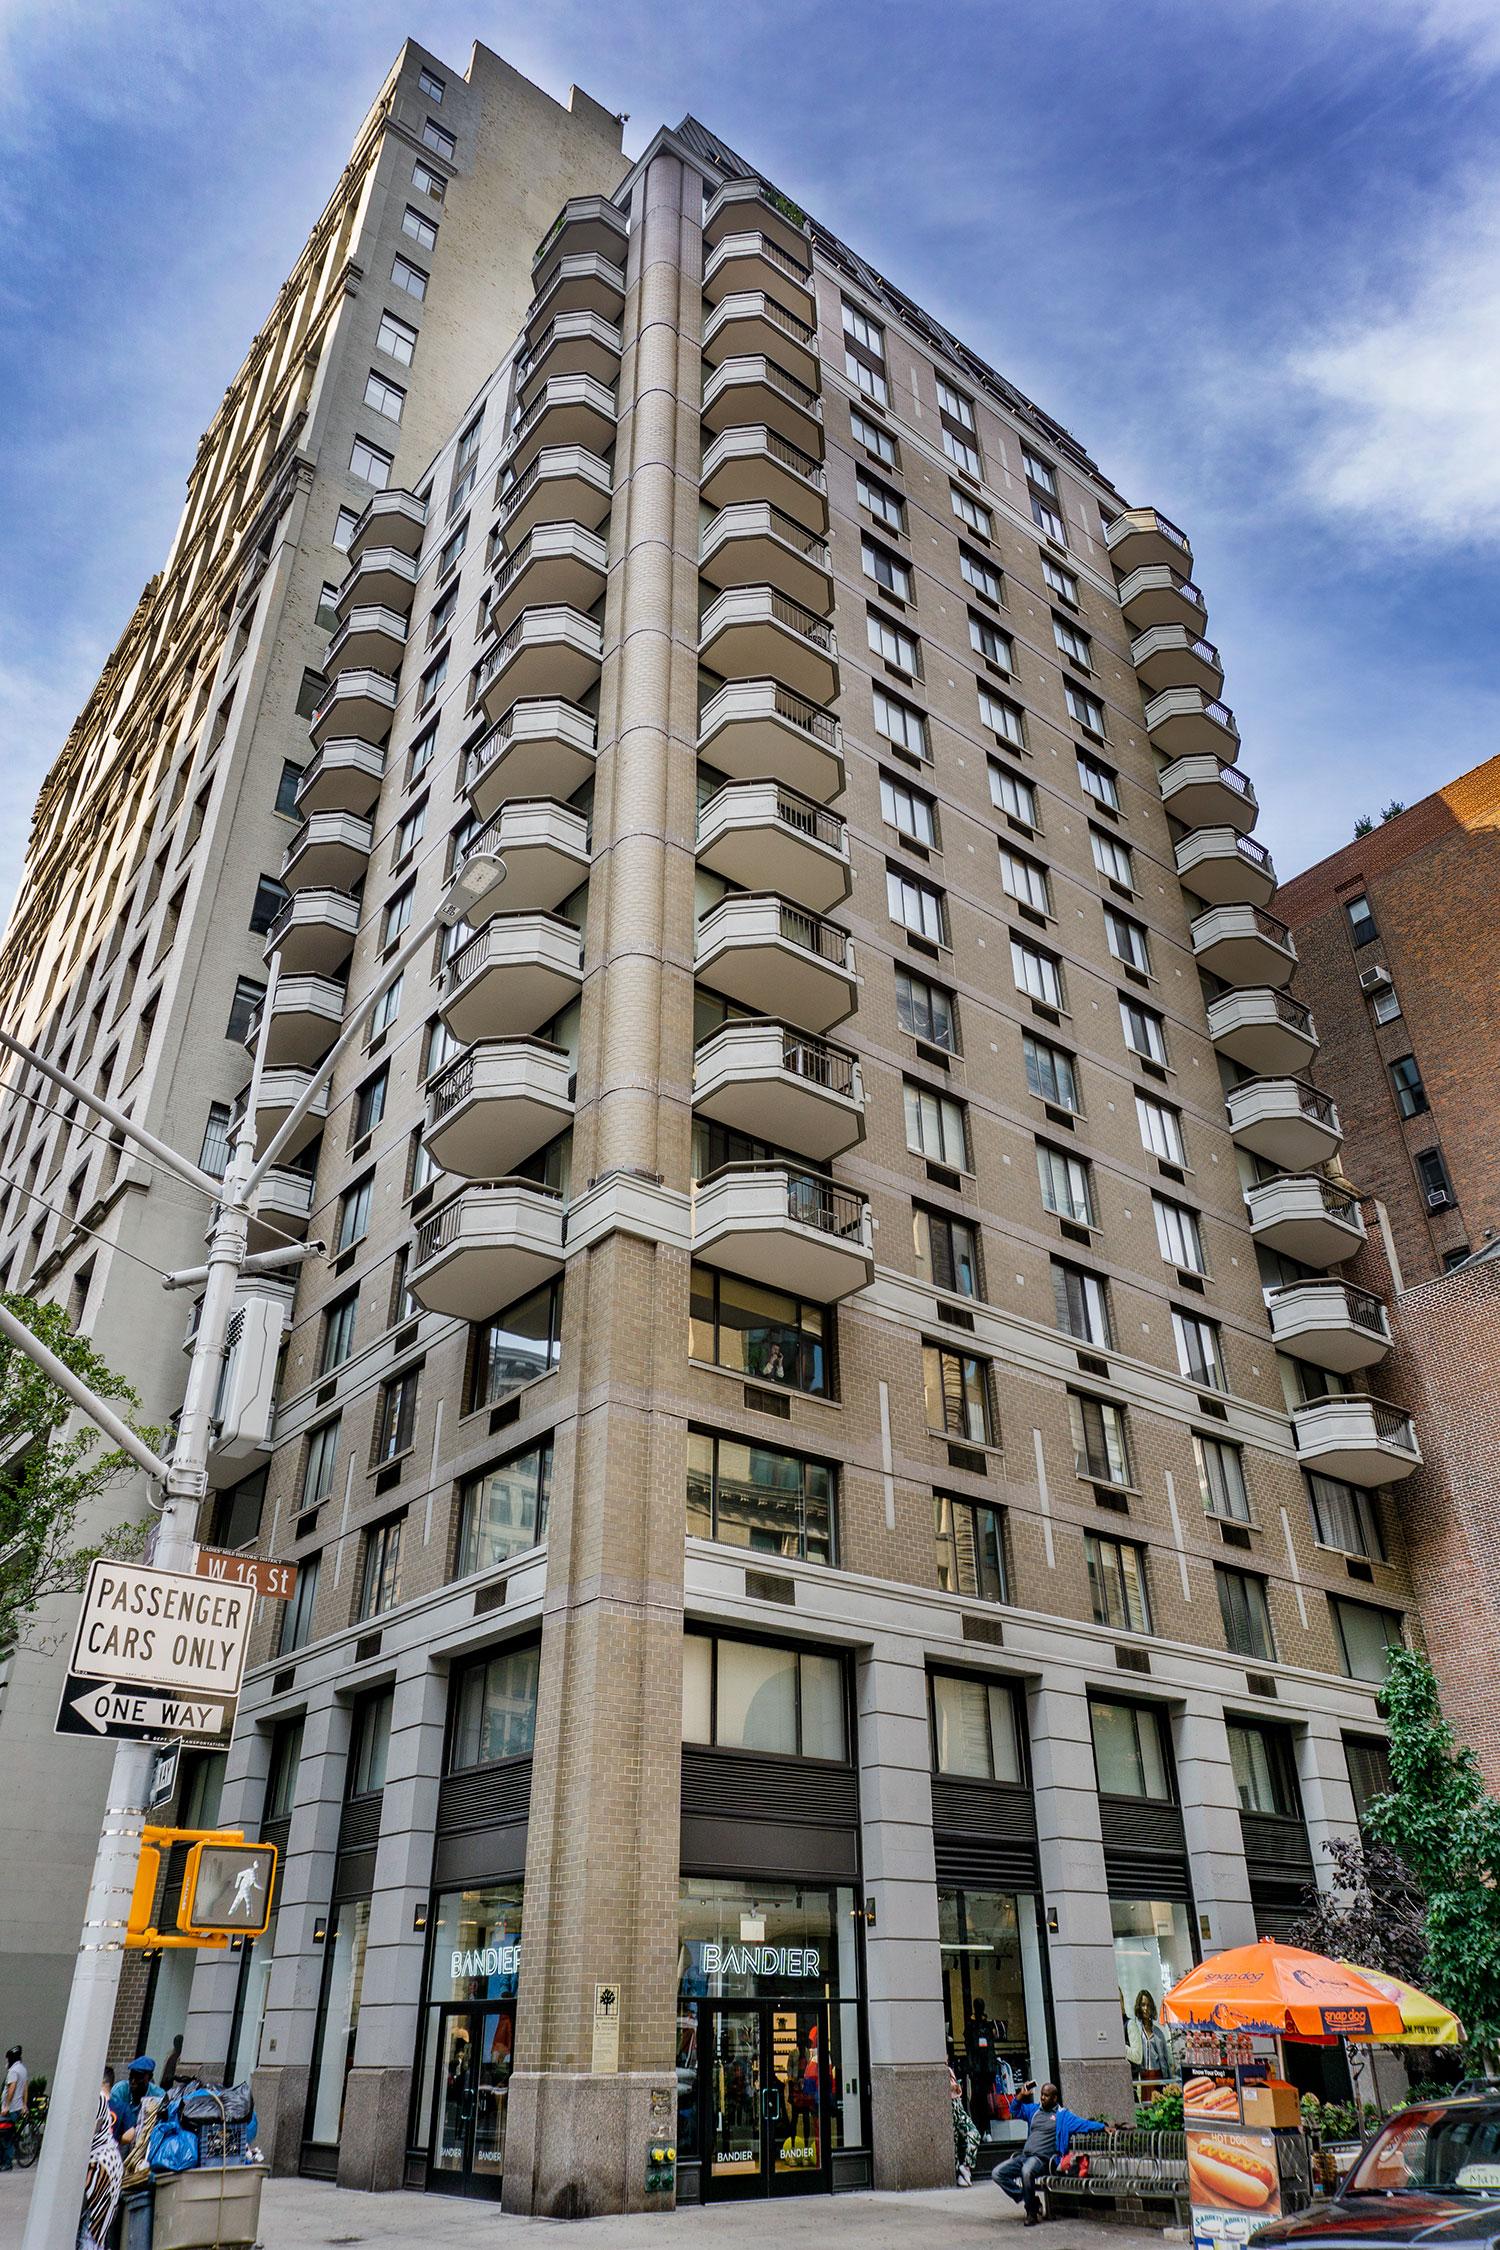 108 5th avenue -